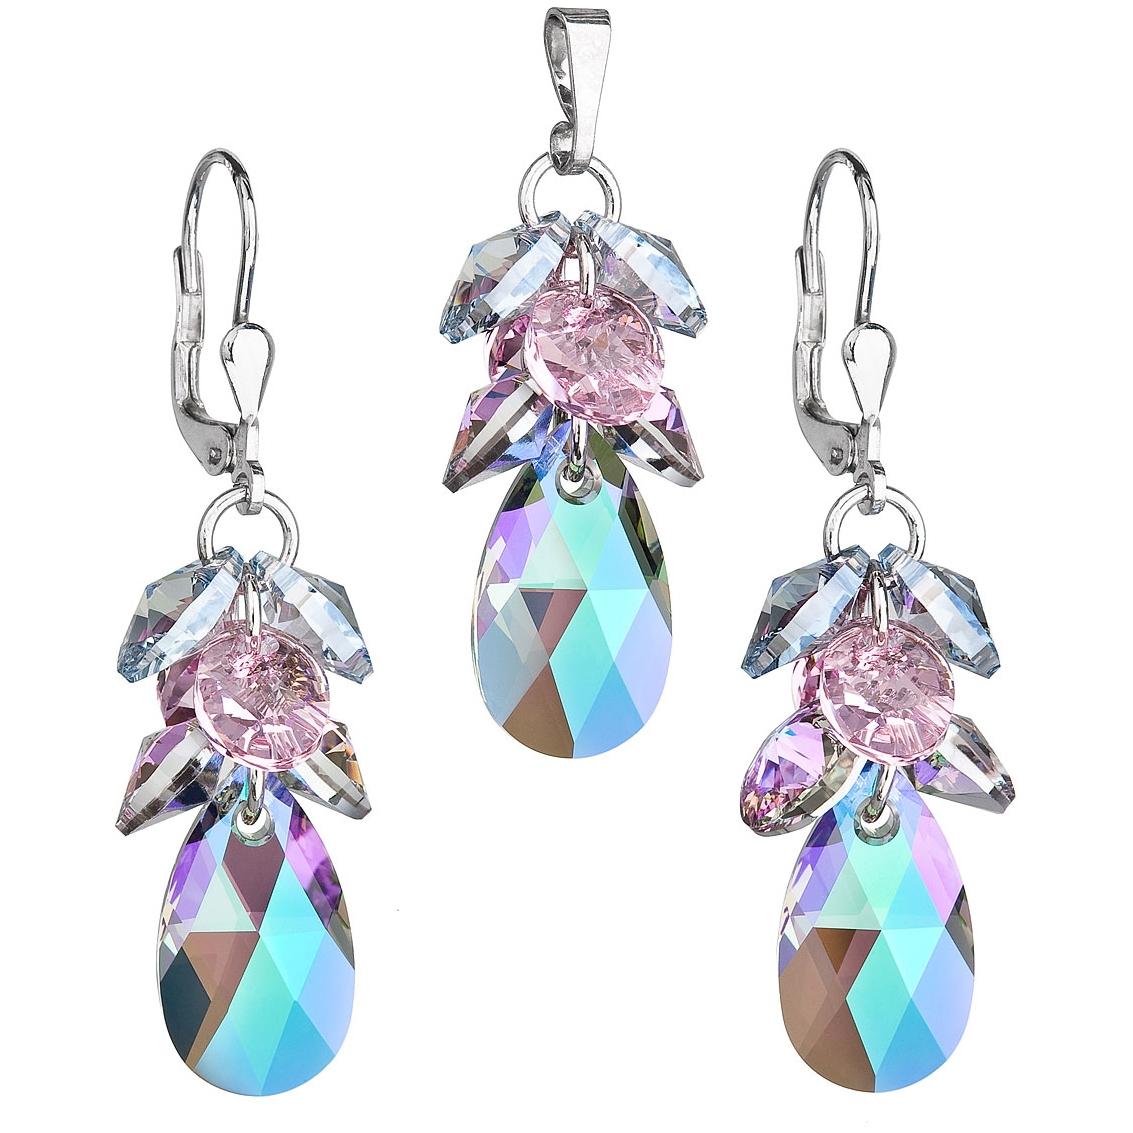 Sada náušnic a přívěšku hrozen Crystals from Swarovski® Paradise Shine